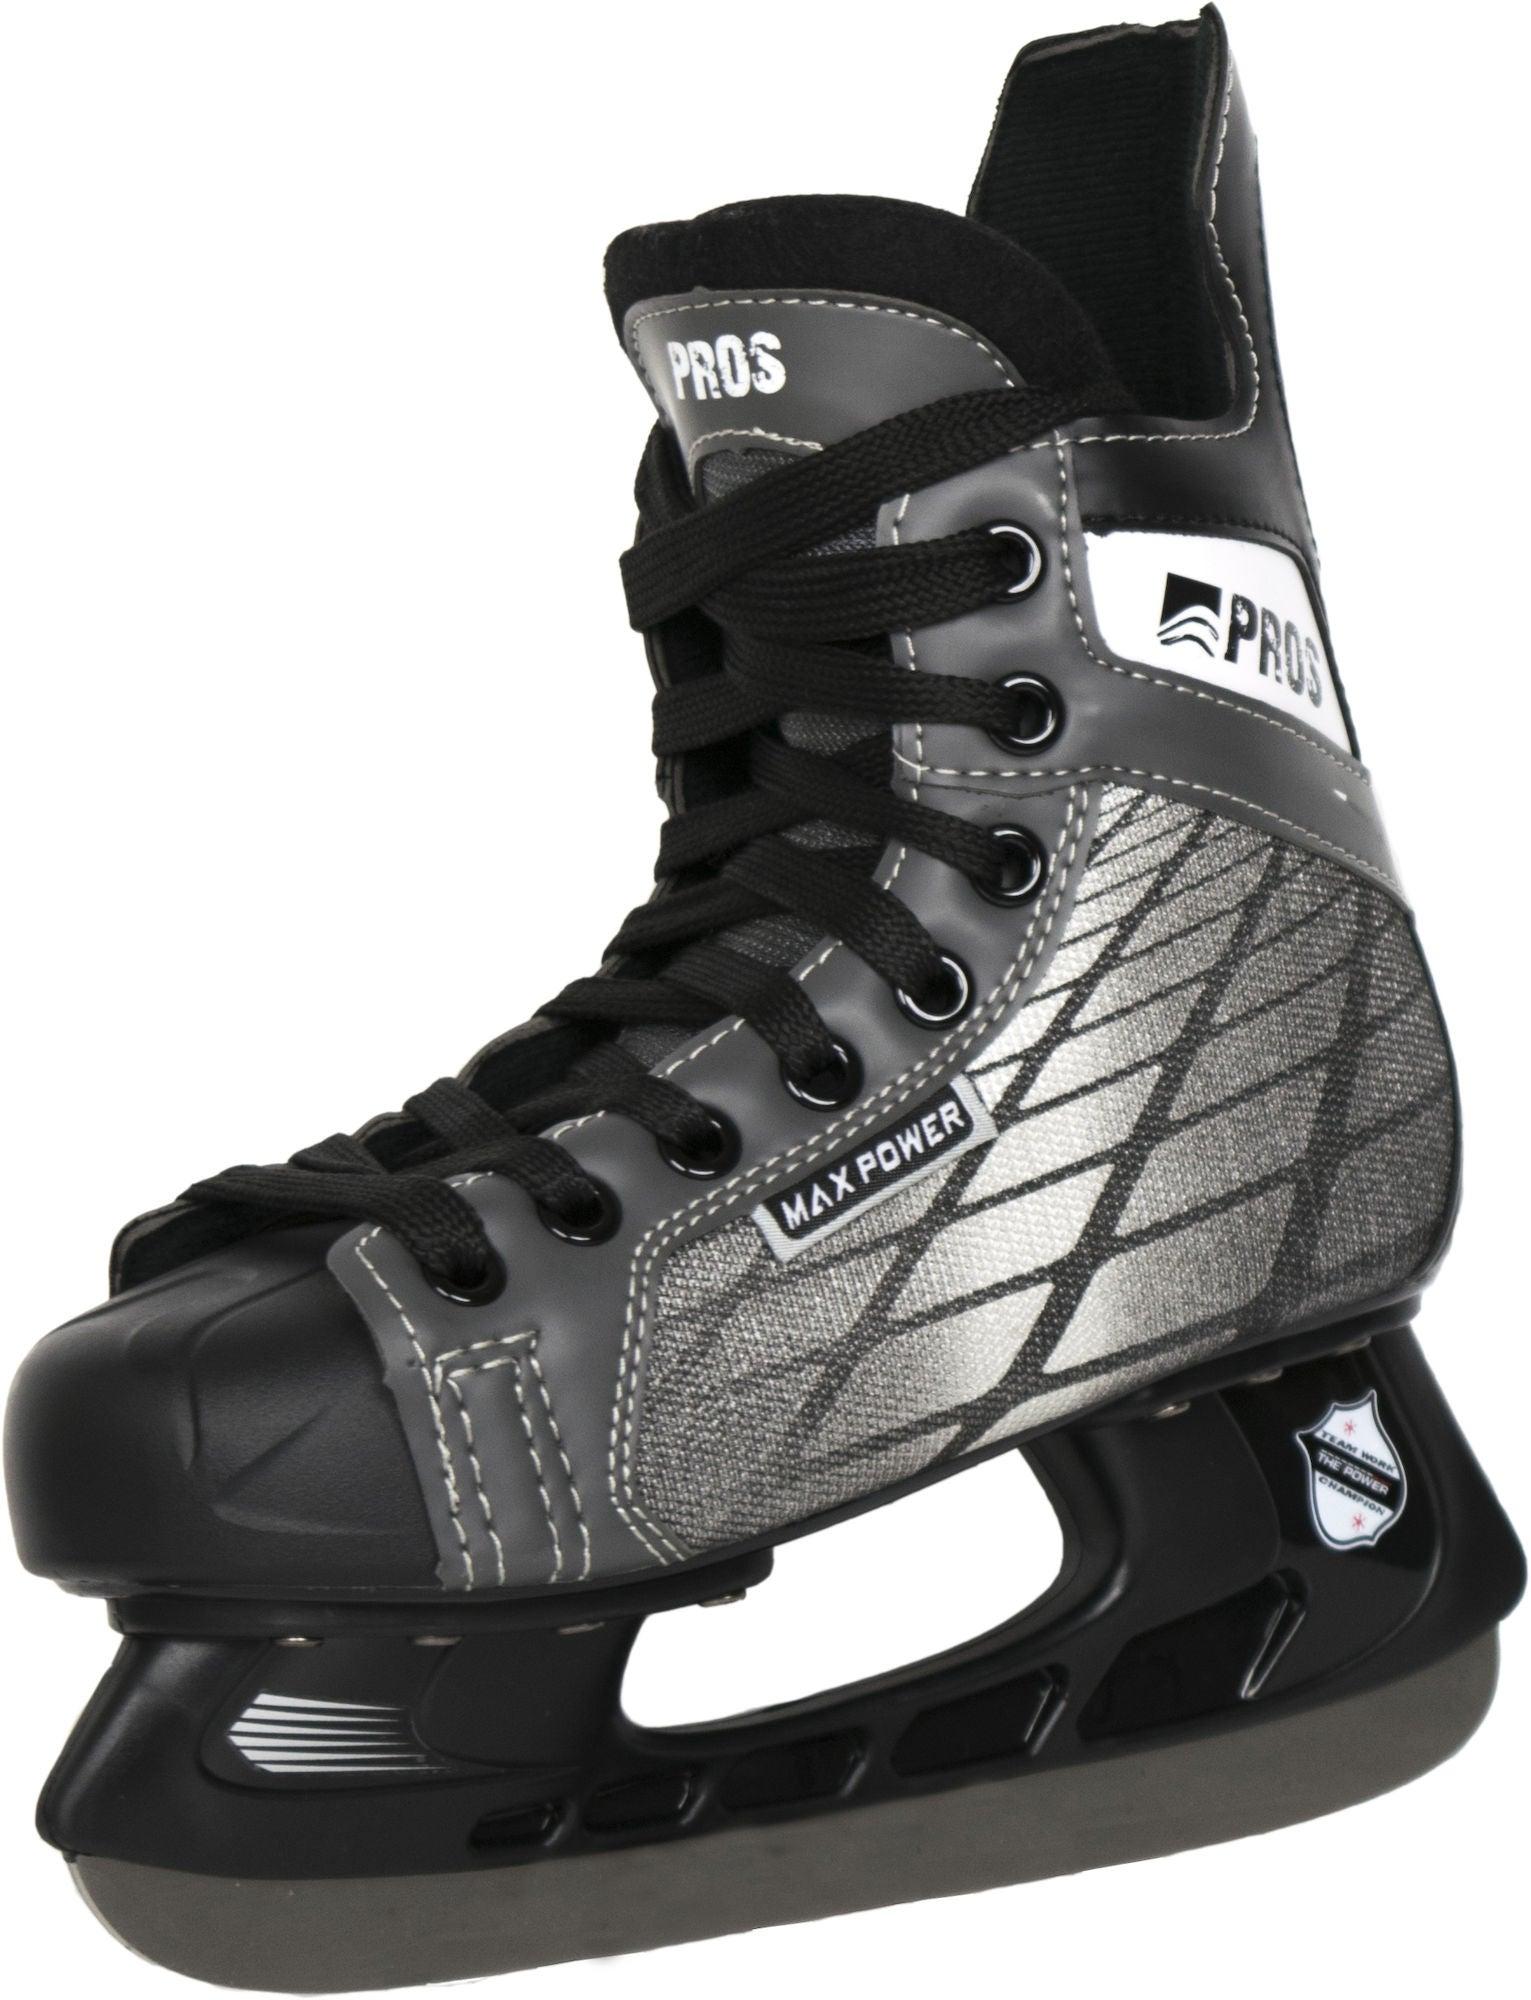 Ishockeyskøjter Kæmpe udvalg af billige ishockeyskøjter   XXL